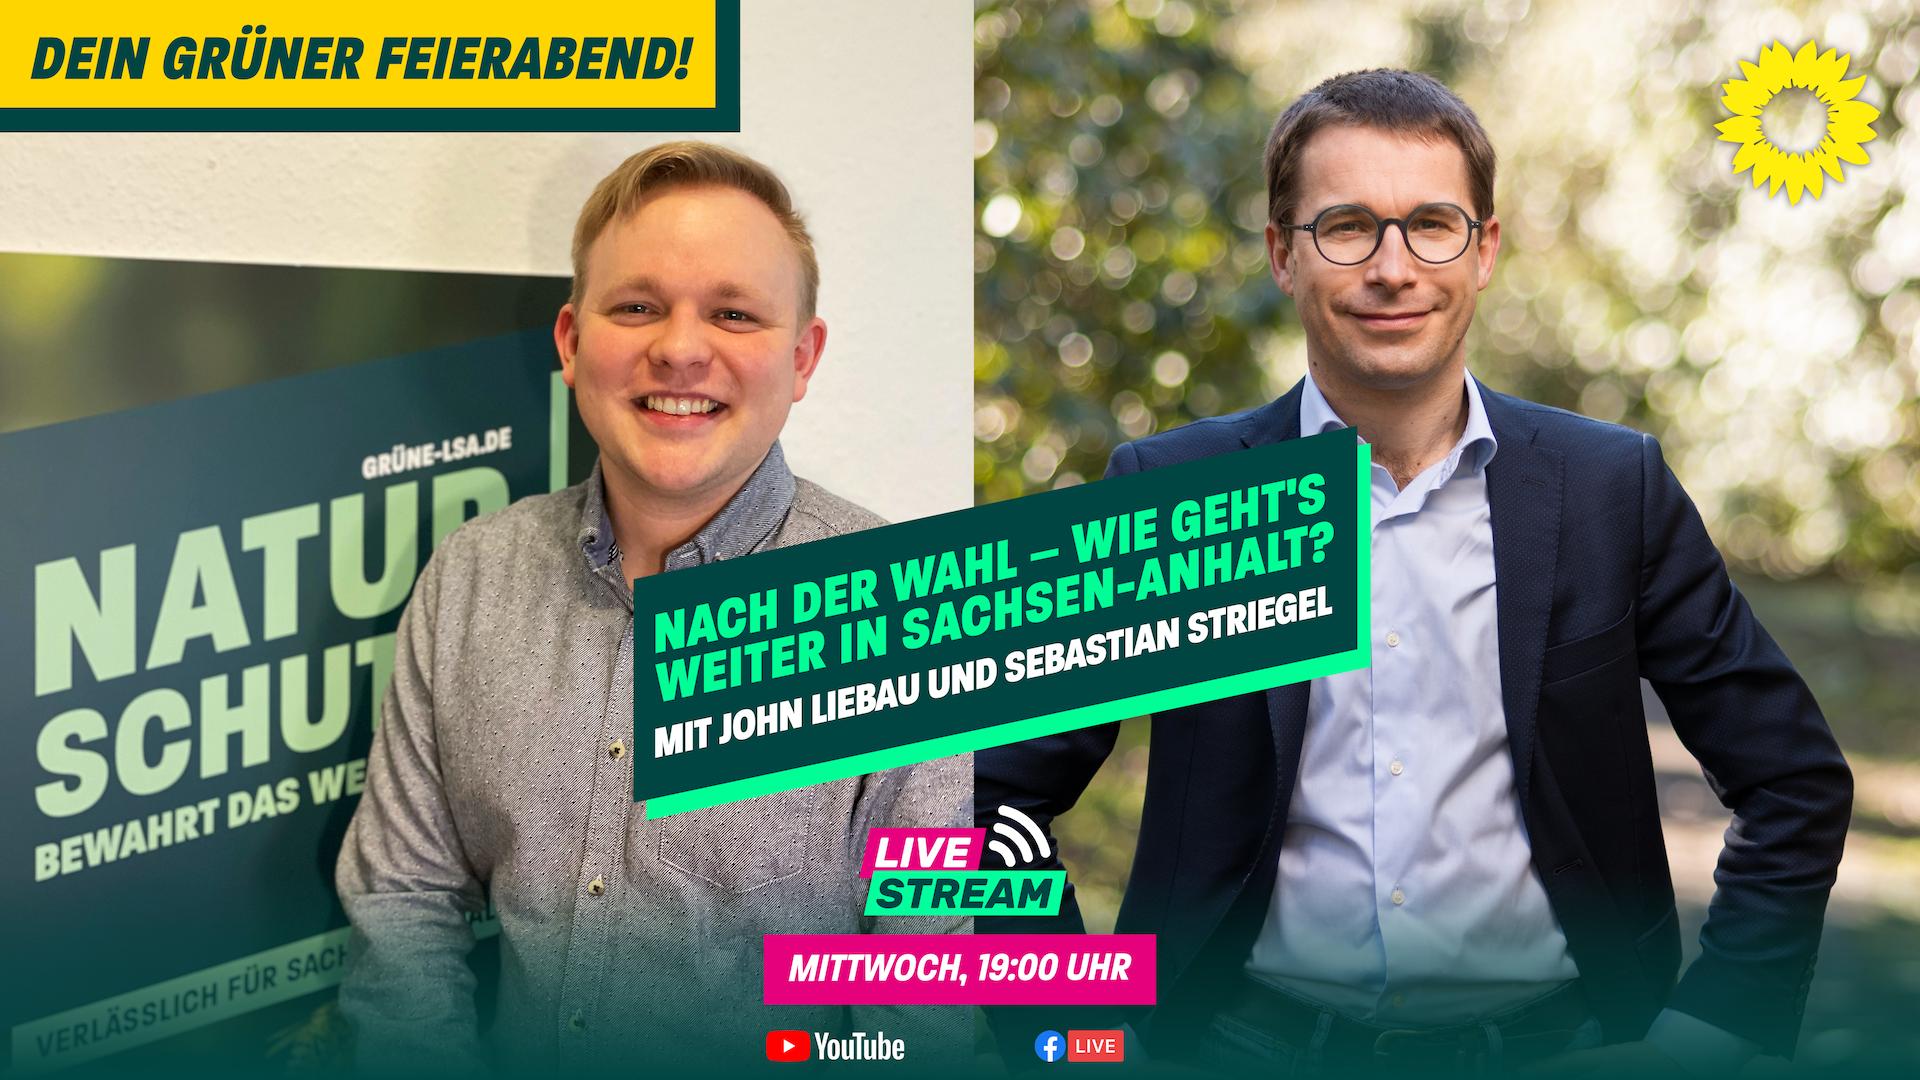 """Dein grüner Feierabend am 09.06. – """"Nach der Wahl"""" mit John Liebau und Sebastian Striegel"""